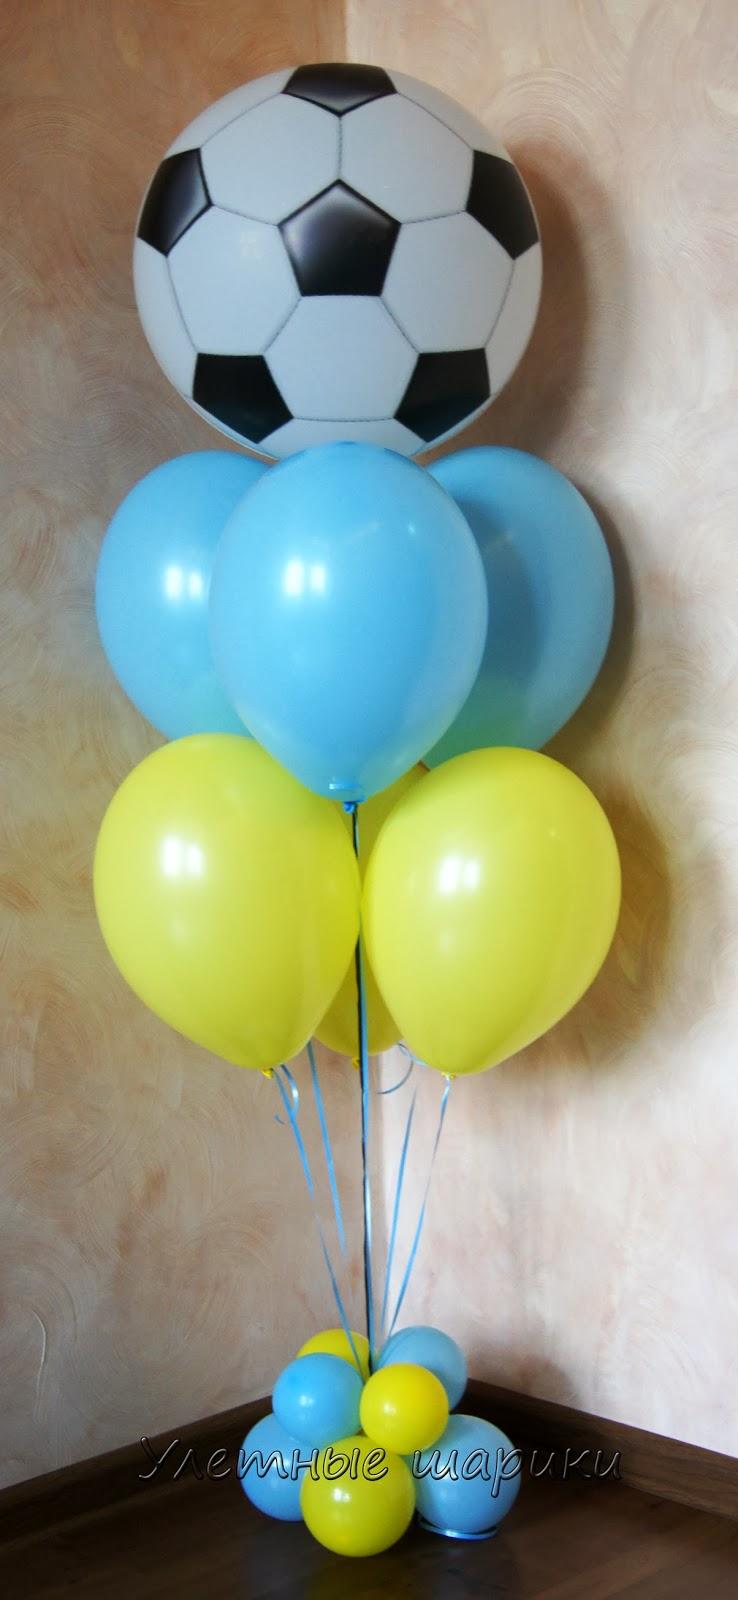 желто голубой букет из воздушных шаров с футбольными мячами